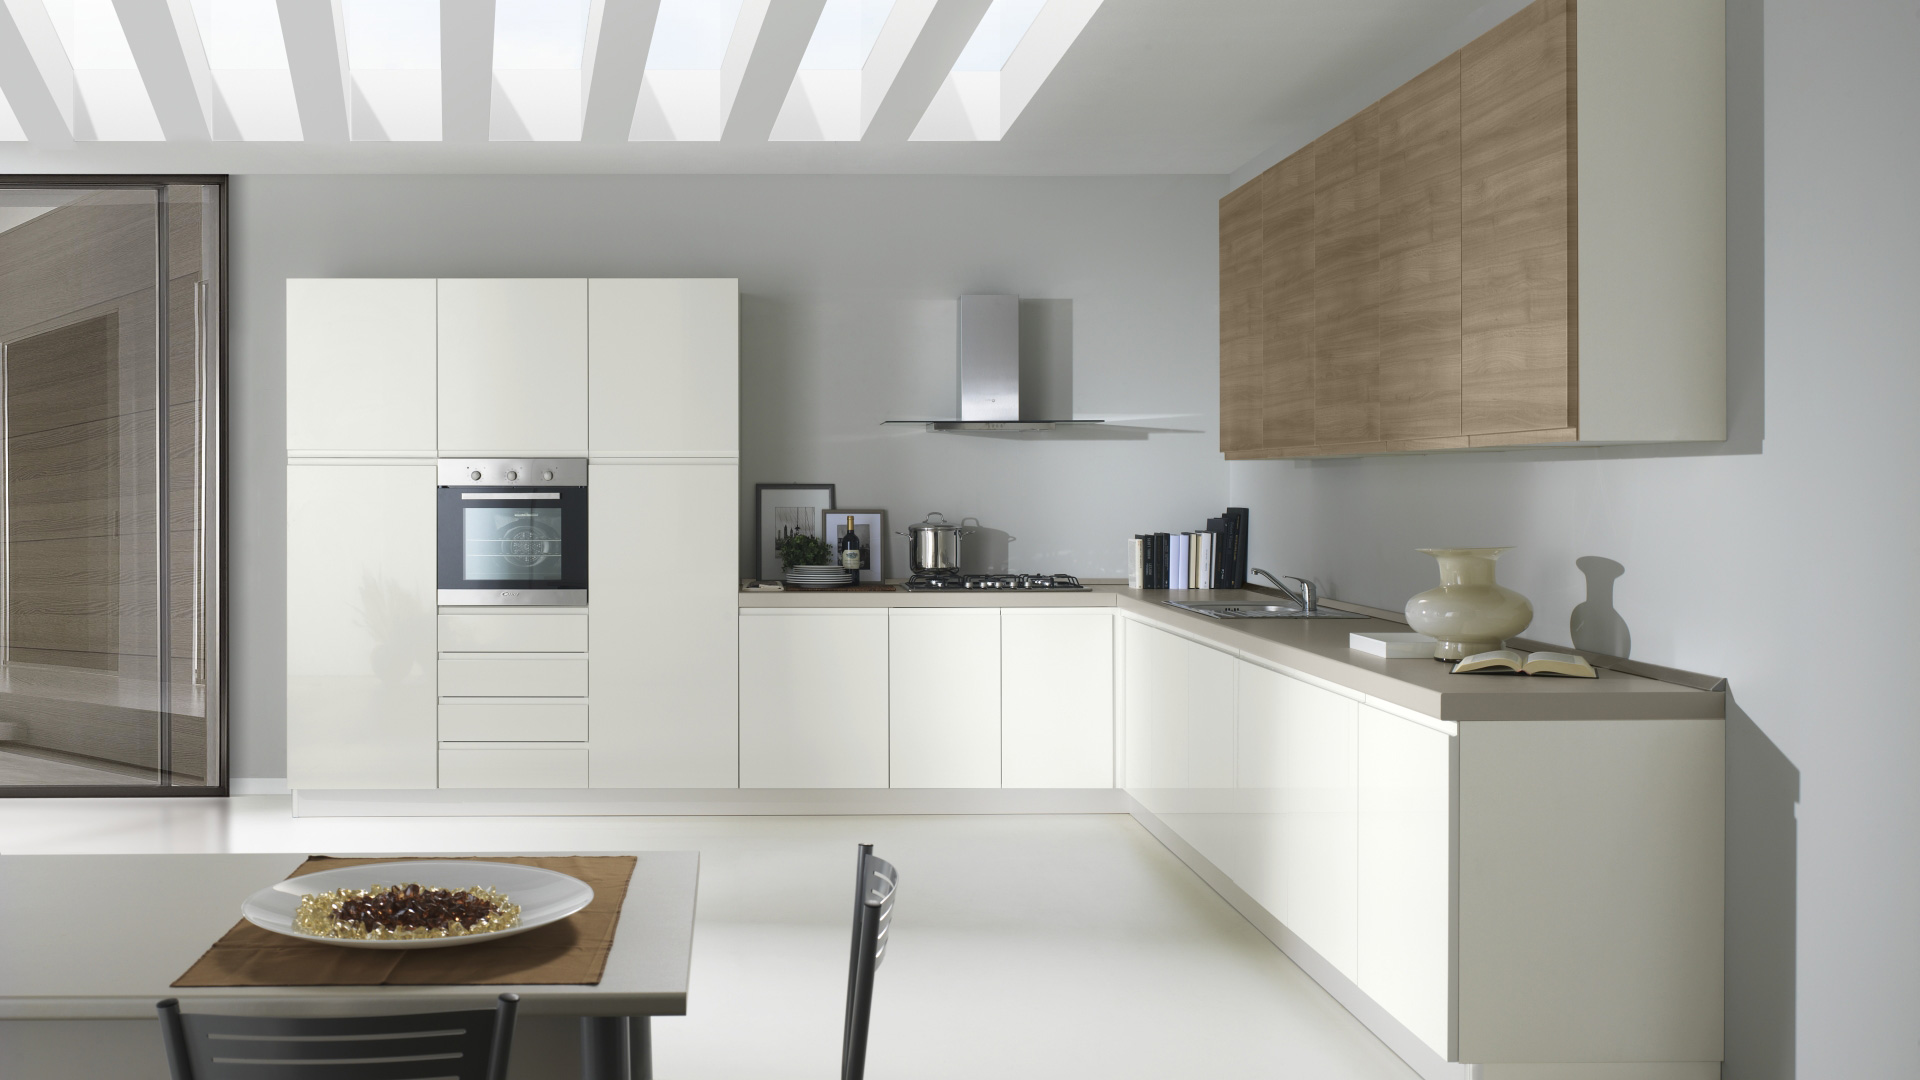 Grancasa illuminazione bagno grancasa lampadari idee per la casa